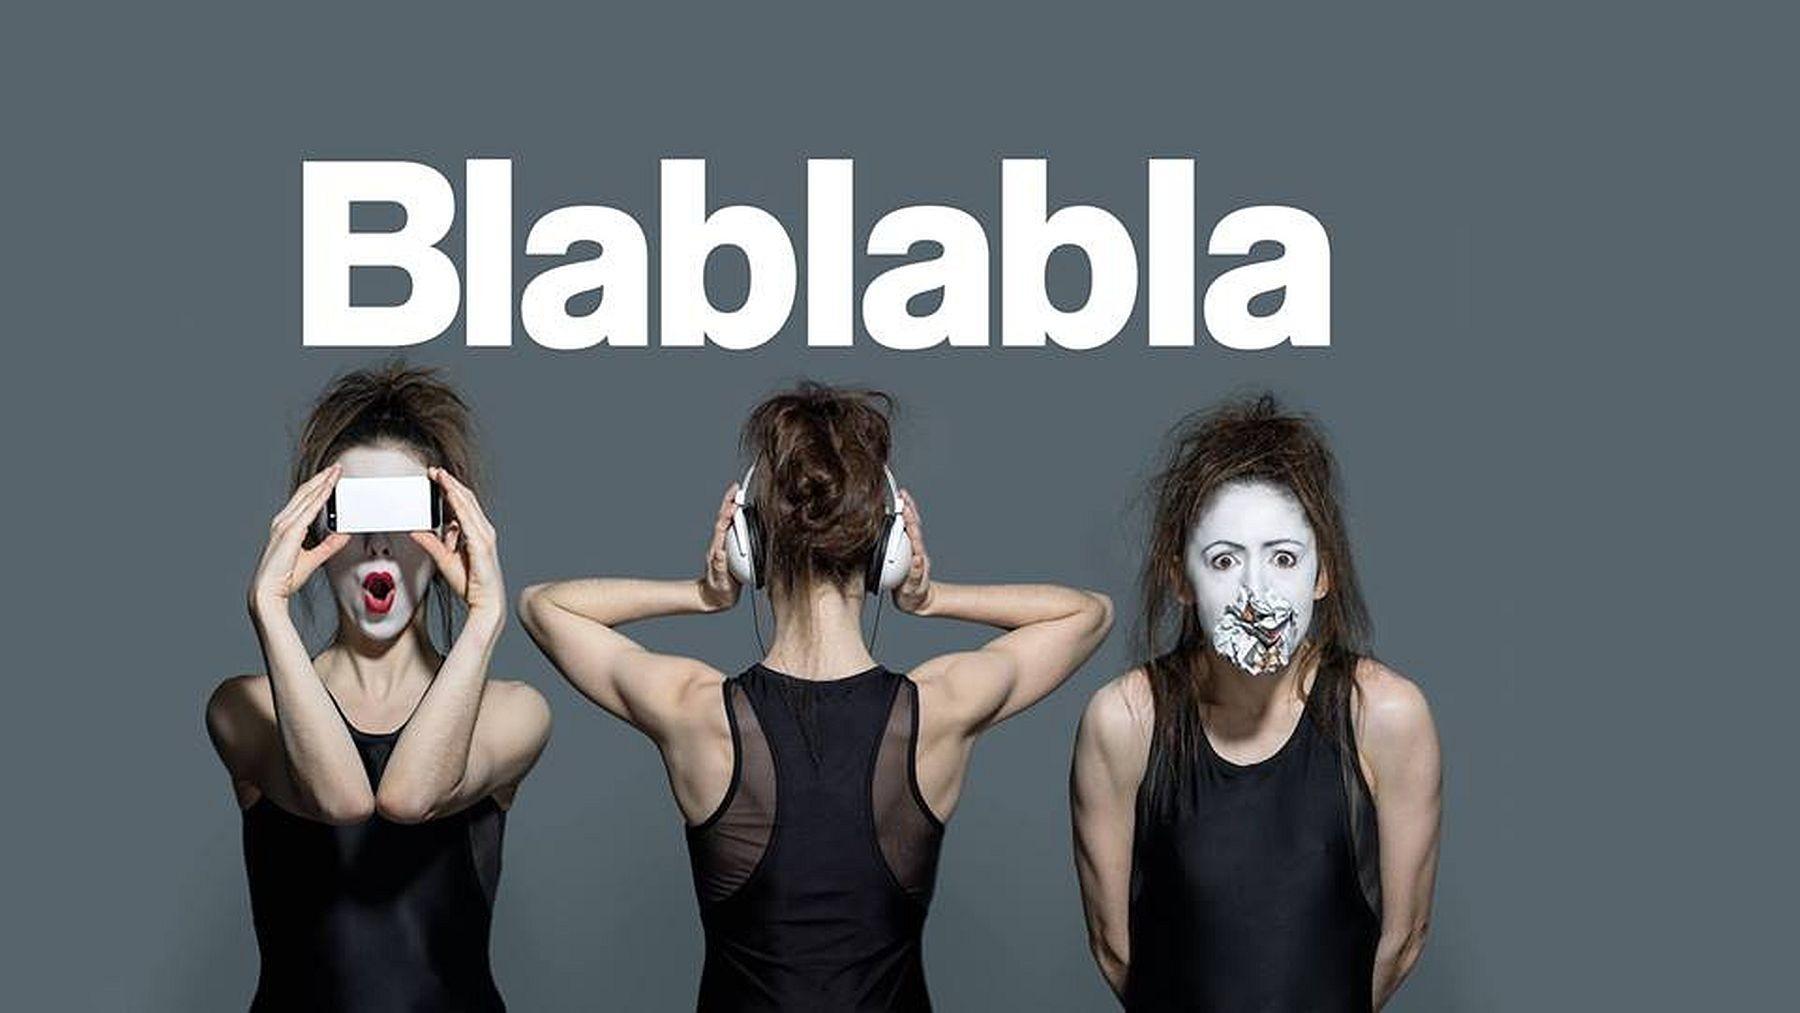 Március 22-én lesz a Székesfehérvári Balett színház bemutatkozó estje